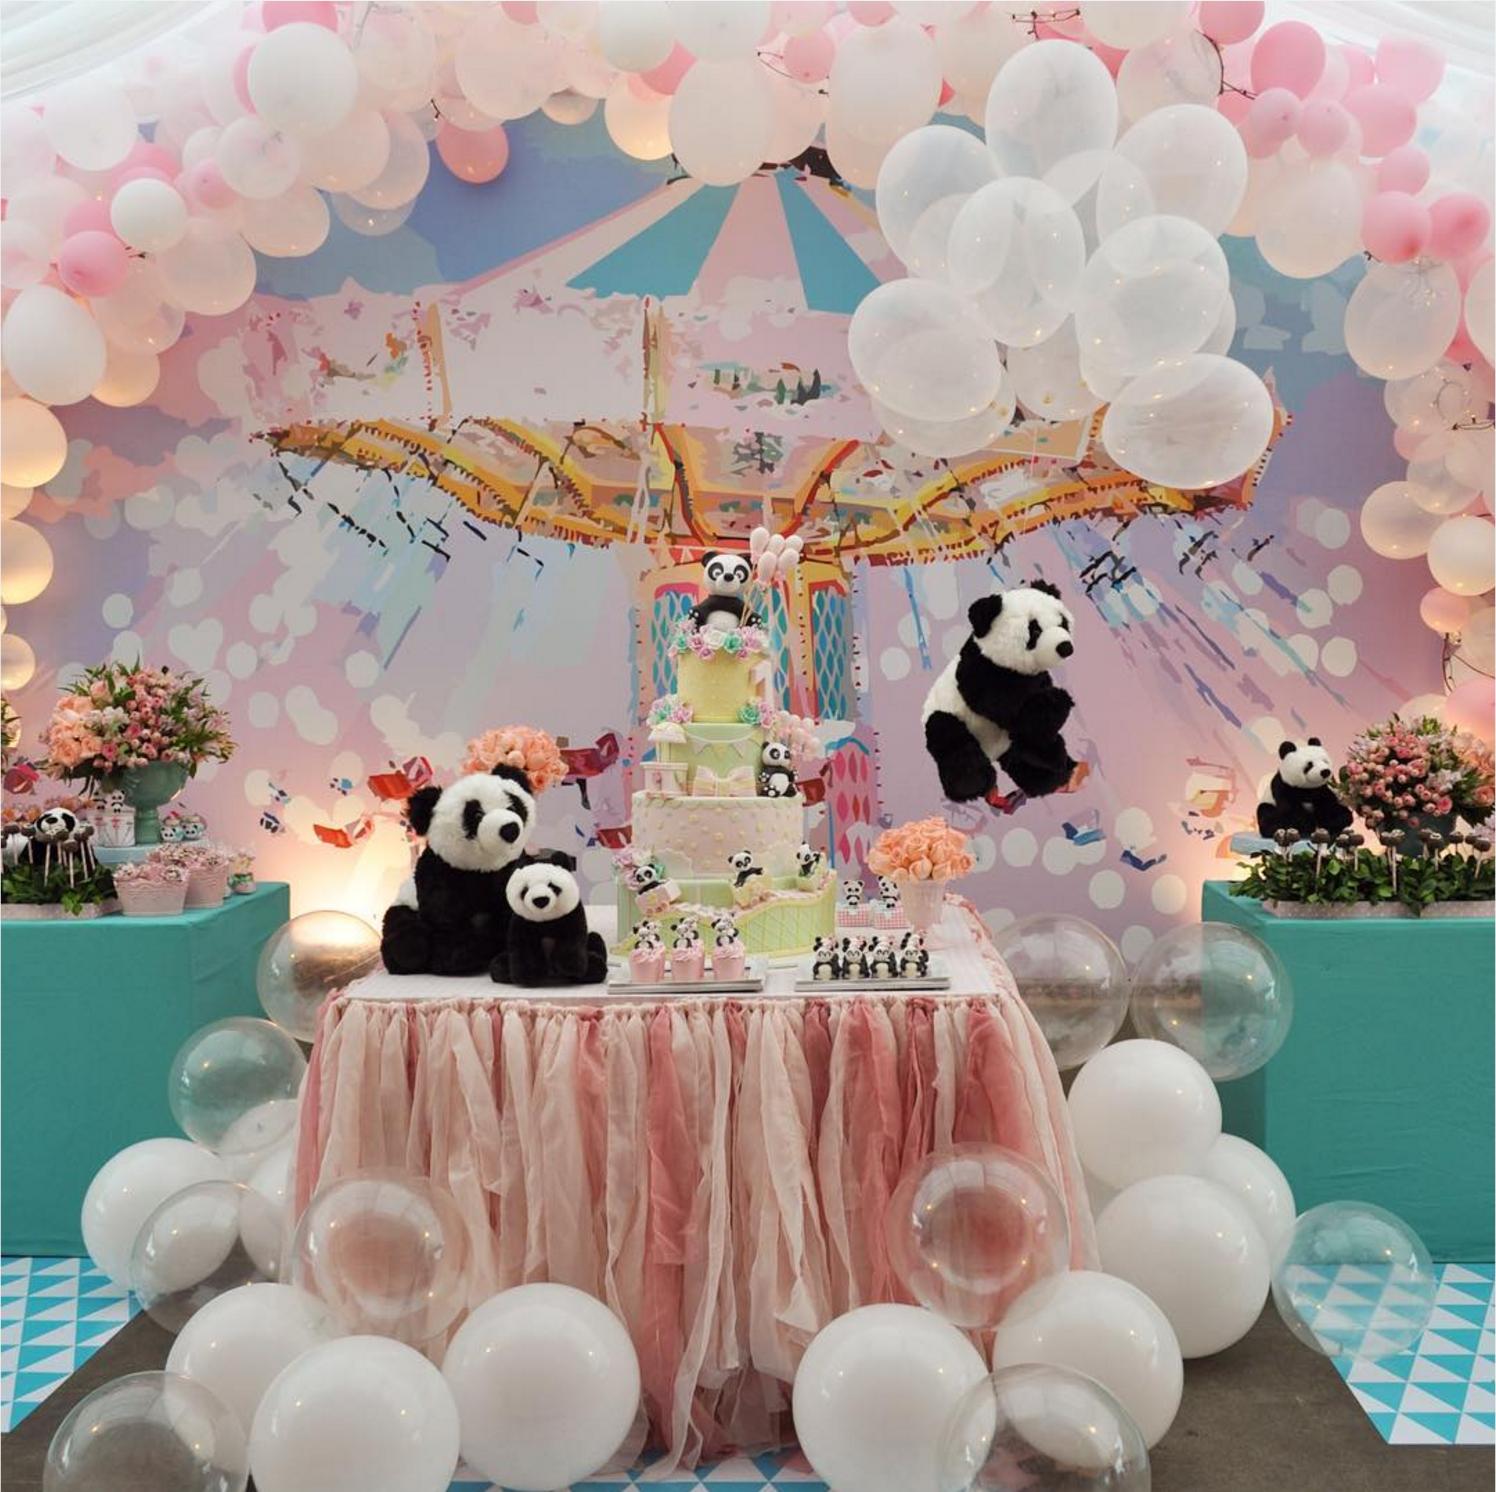 Un panda para la fiesta de baby shower for Fiesta baby shower decoracion